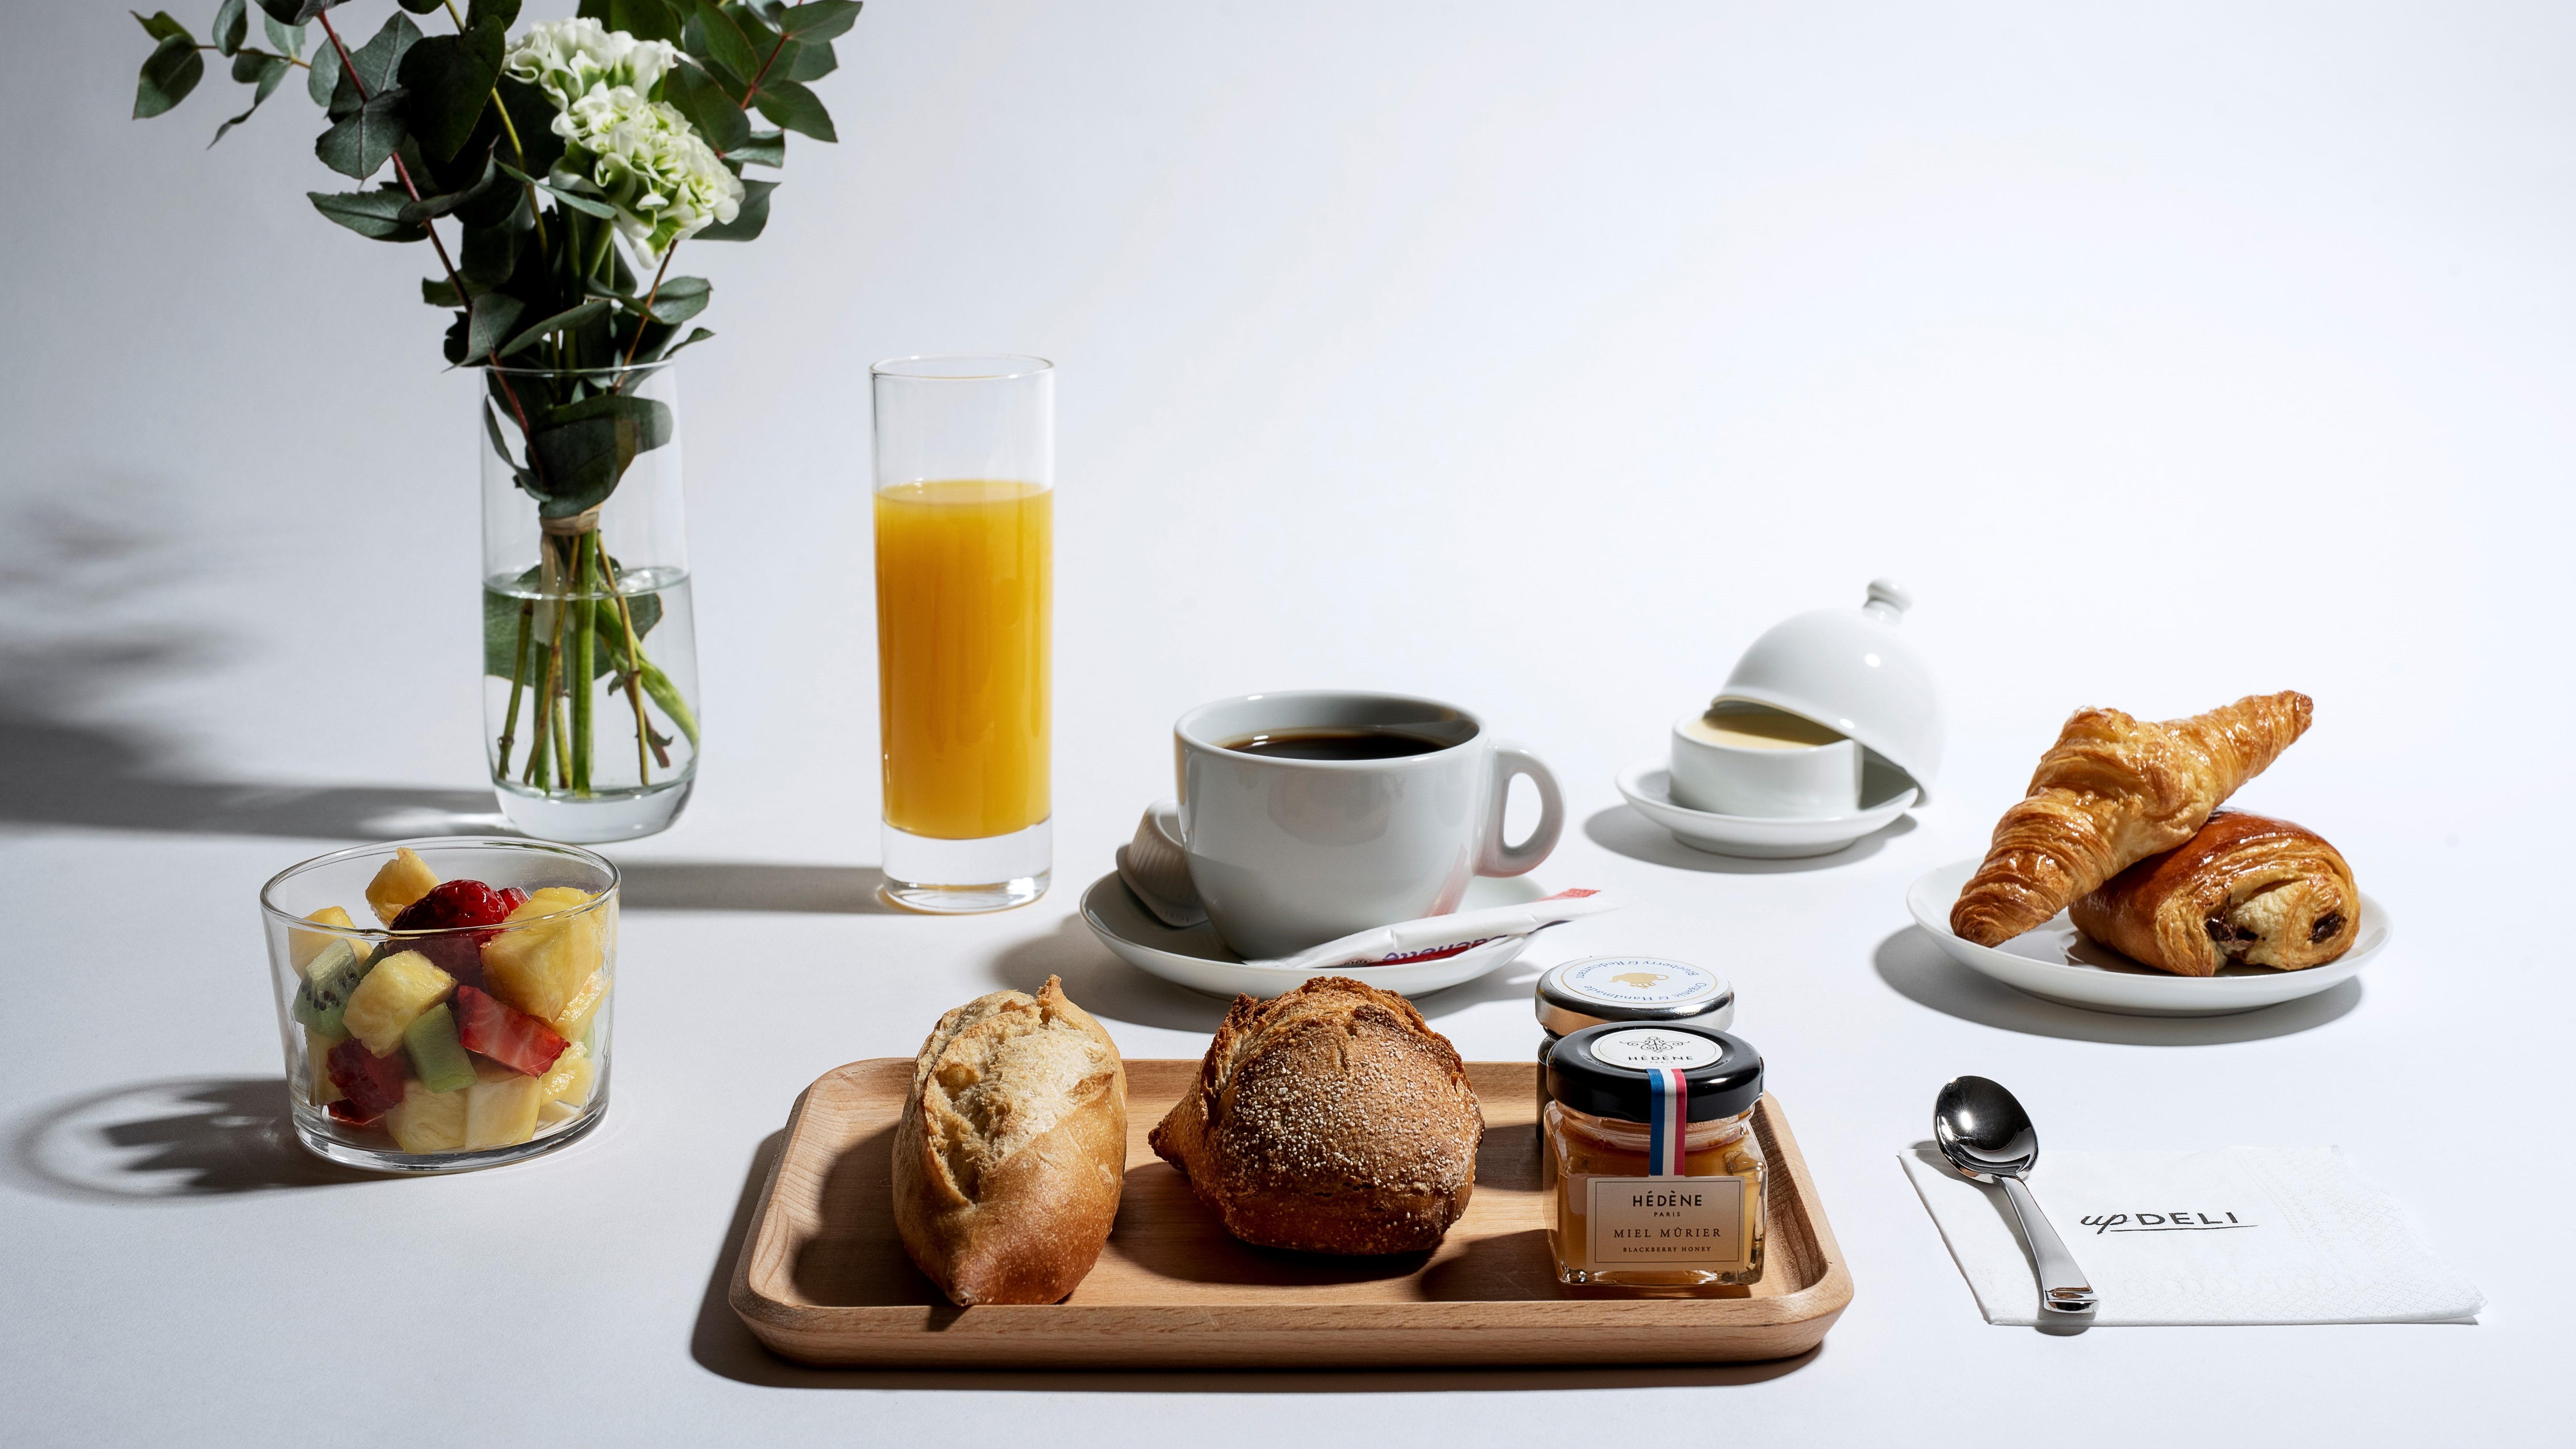 petit déjeuner continental gastronomique UpDELI